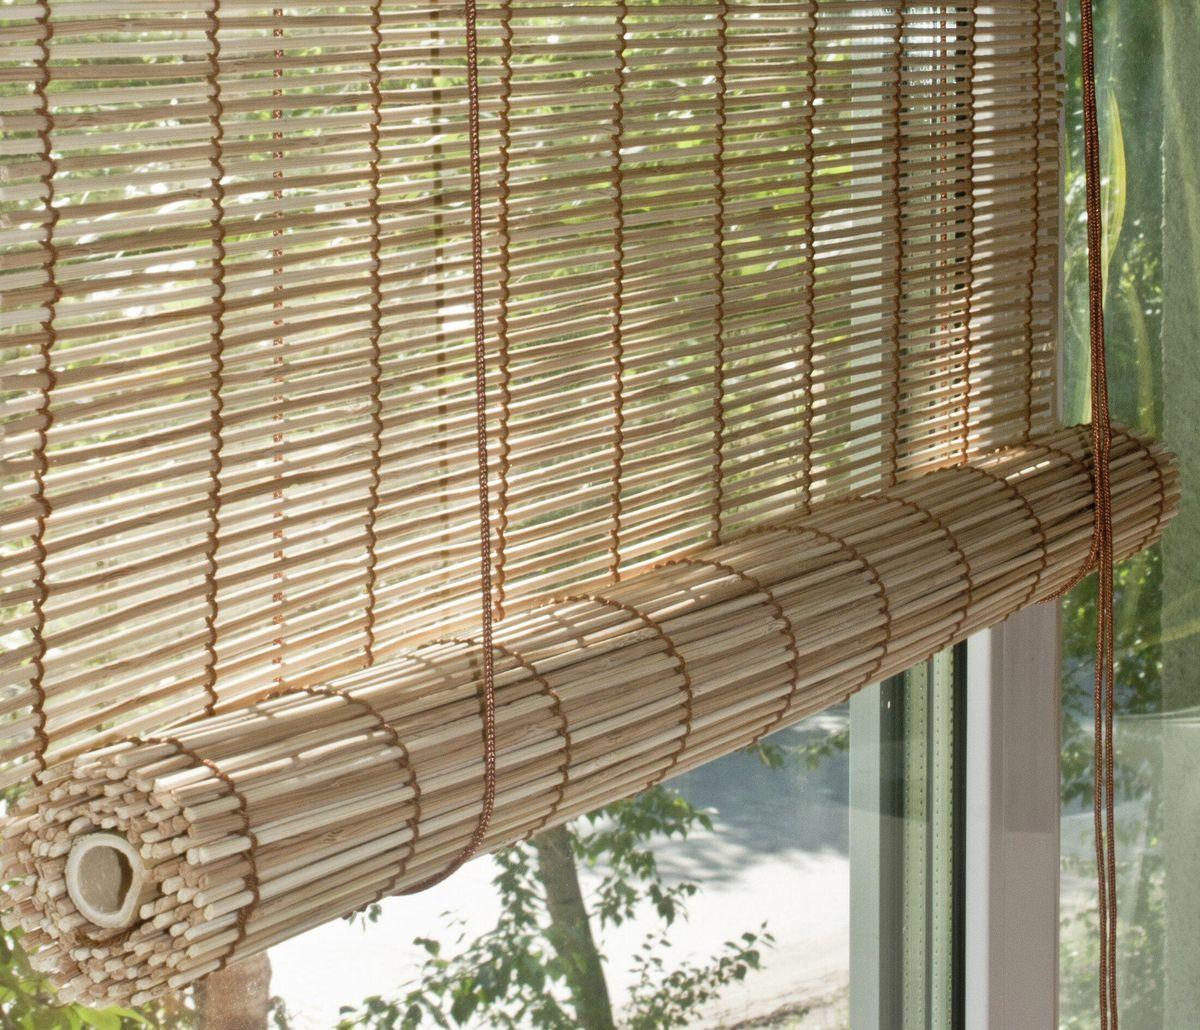 Штора рулонная Эскар Бамбук, цвет: натуральный микс, ширина 50 см, высота 160 смS03301004При оформлении интерьера современных помещений многие отдают предпочтение природным материалам. Бамбуковые рулонные шторы - одно из натуральных изделий, способное сделать атмосферу помещения более уютной и в то же время необычной. Свойства бамбука уникальны: он экологически чист, так как быстро вырастает, благодаря чему не успевает накопить вредные вещества из окружающей среды. Кроме того, растение обладает противомикробным и антибактериальным действием. Занавеси из бамбука безопасно использовать в помещениях, где находятся новорожденные дети и люди, склонные к аллергии. Они незаменимы для тех, кто заботится о своем здоровье и уделяет внимание высокому уровню жизни.Бамбуковые рулонные шторы представляют собой полотно, состоящее из тонких бамбуковых стеблей и сворачиваемое в рулон.Римские бамбуковые шторы, как и тканевые римские шторы, при поднятии образуют крупные складки, которые прекрасно декорируют окно.Особенность устройства полотна позволяет свободно пропускать дневной свет, что обеспечивает мягкое освещение комнаты. Это натуральный влагостойкий материал, который легко вписывается в любой интерьер, хорошо сочетается с различной мебелью и элементами отделки. Использование бамбукового полотна придает помещению необычный вид и визуально расширяет пространство.Помимо внешней красоты, это еще и очень удобные конструкции, экономящие пространство. Изготавливаются они из специальных материалов, устойчивых к внешним воздействиям. Сама штора очень эргономичная, и позволяет изменять визуально пространство в зависимости от потребностей владельца.